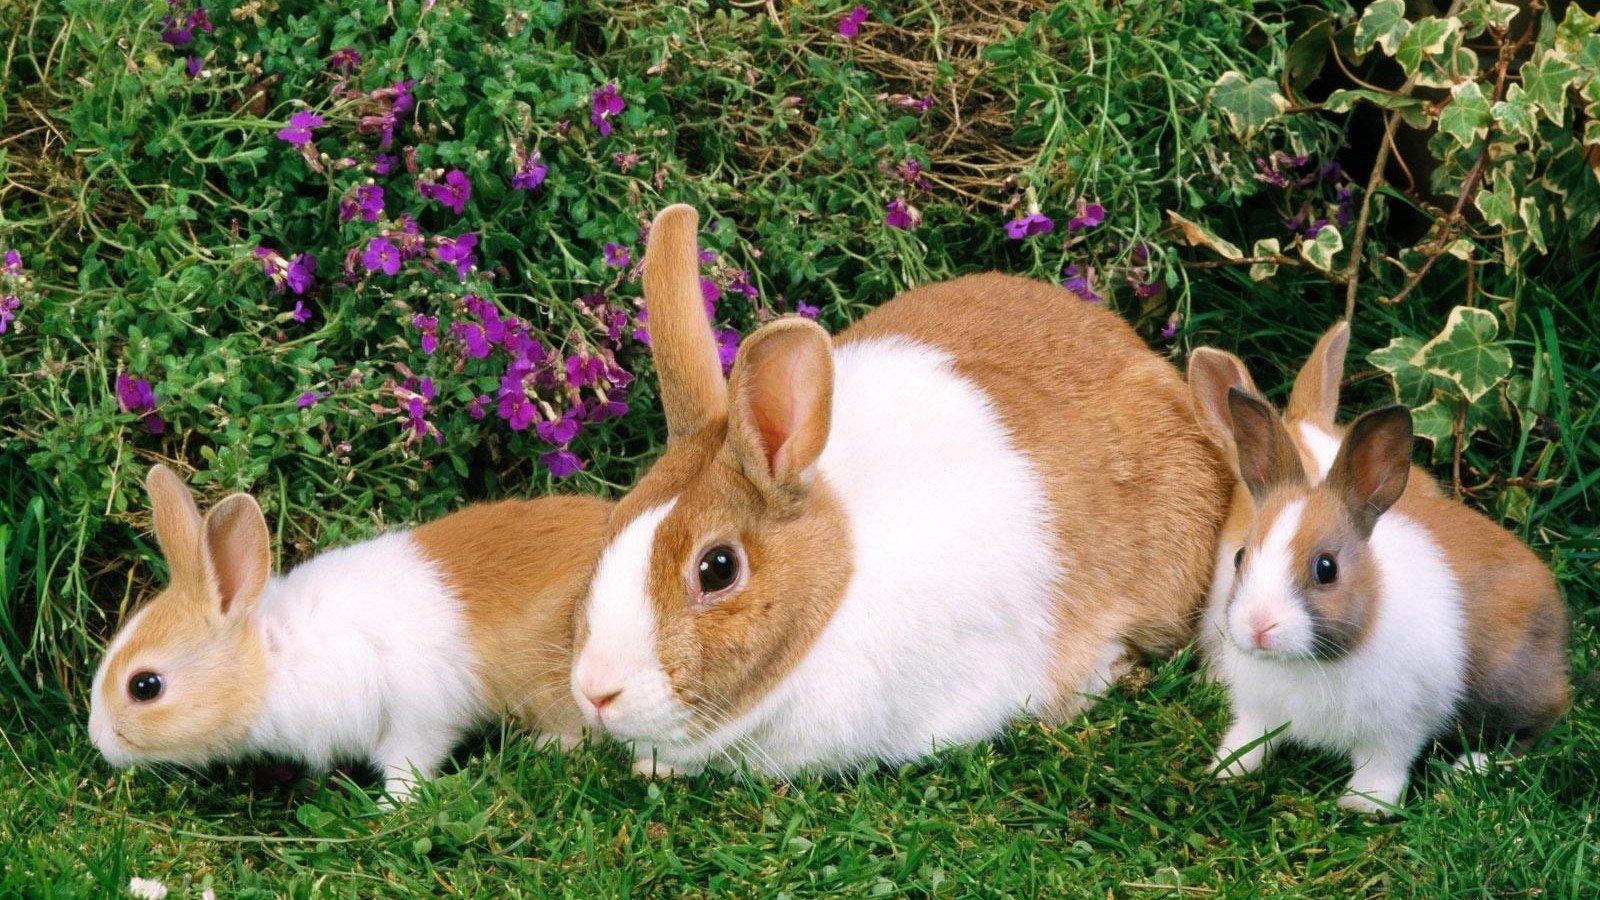 Hình ảnh những chú Thỏ đáng yêu